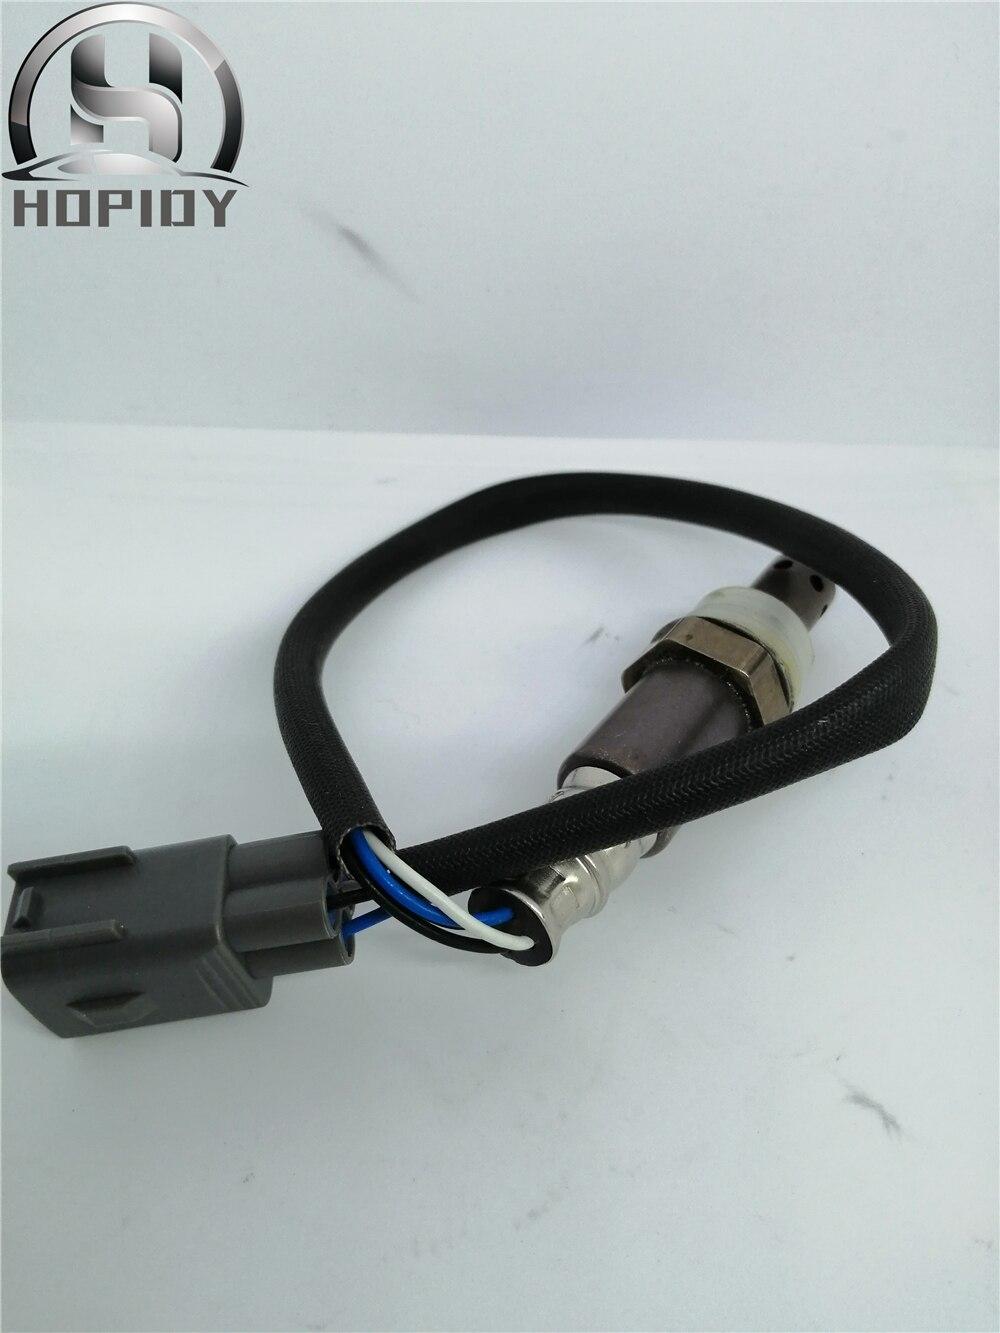 89465-20810 Lambda Probe O2 Oxygen Sensor Fit For Toyota Yaris 1.3L 1.5L 1NZ-FE 2NZ-FE 1999-2005 250-24927 8946520810 2502492710